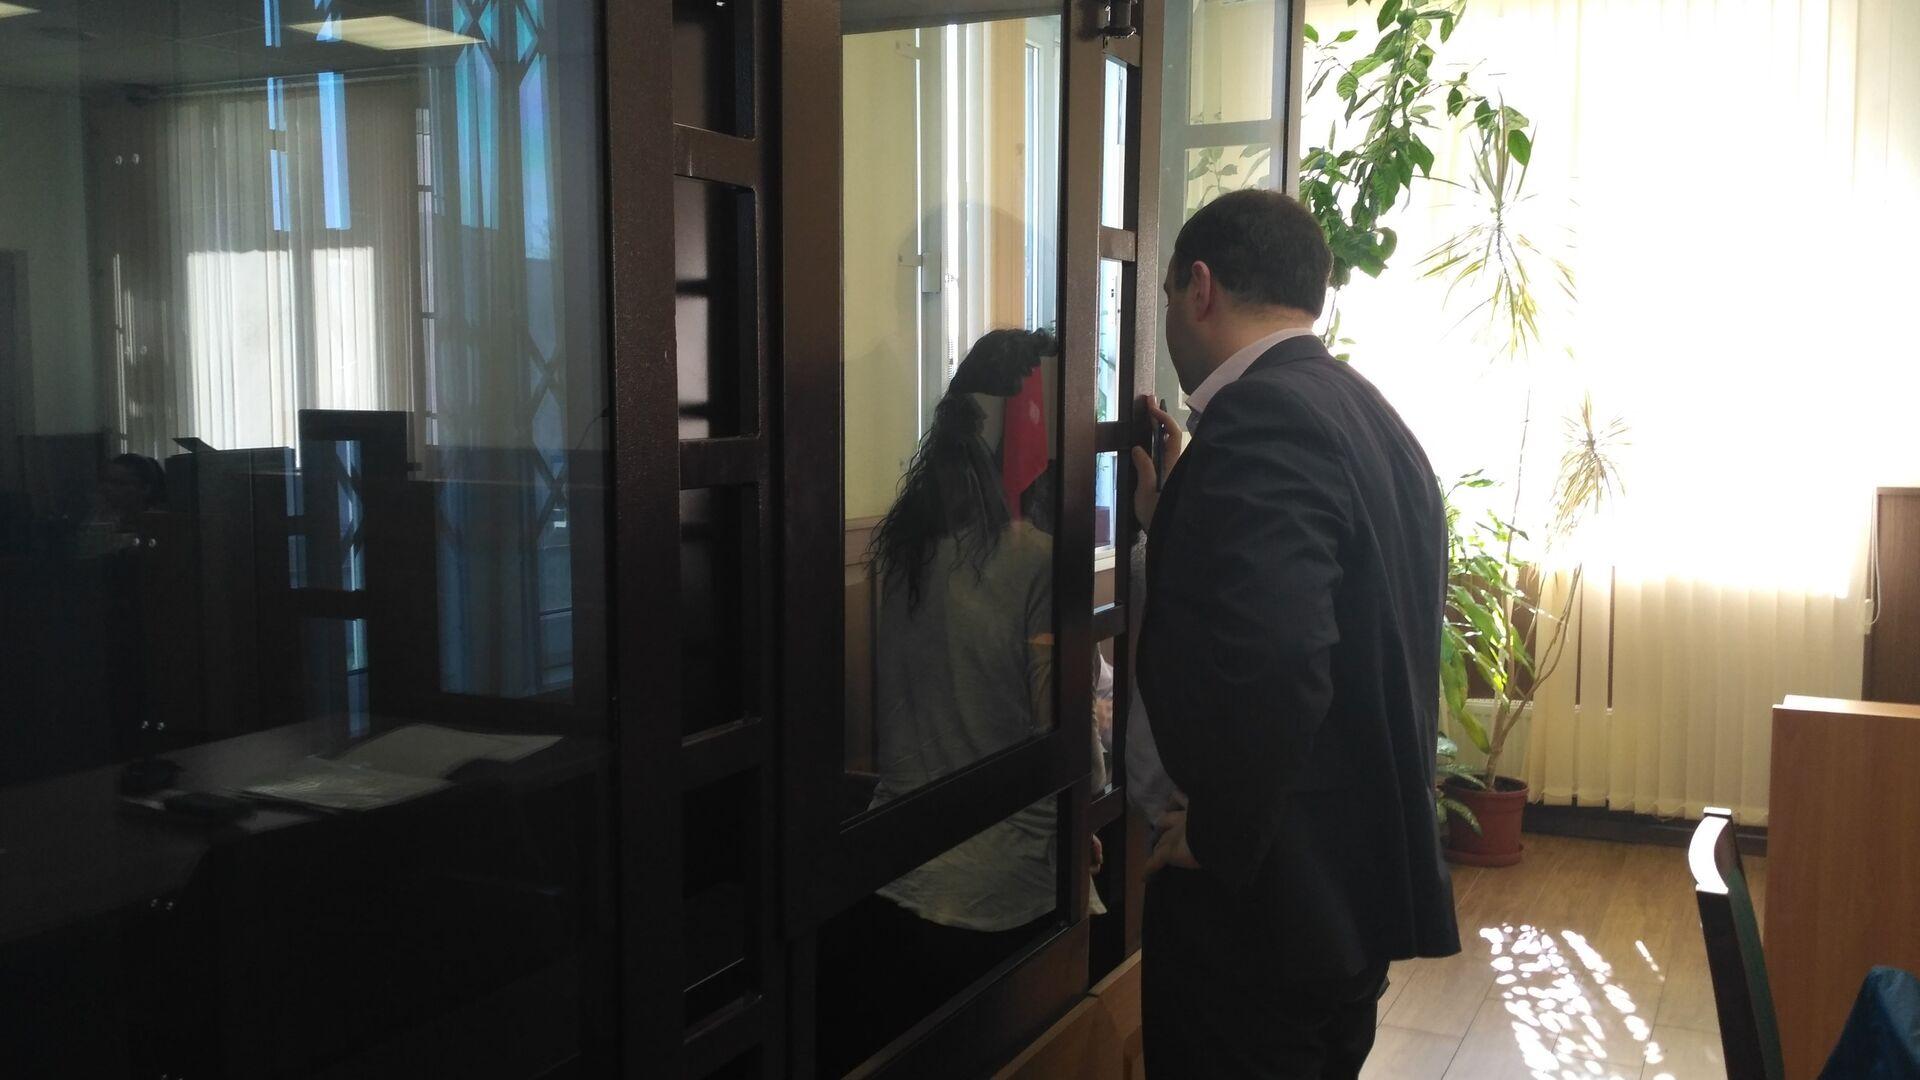 Генпрокуратура признала деятельность саентологов в России нежелательной